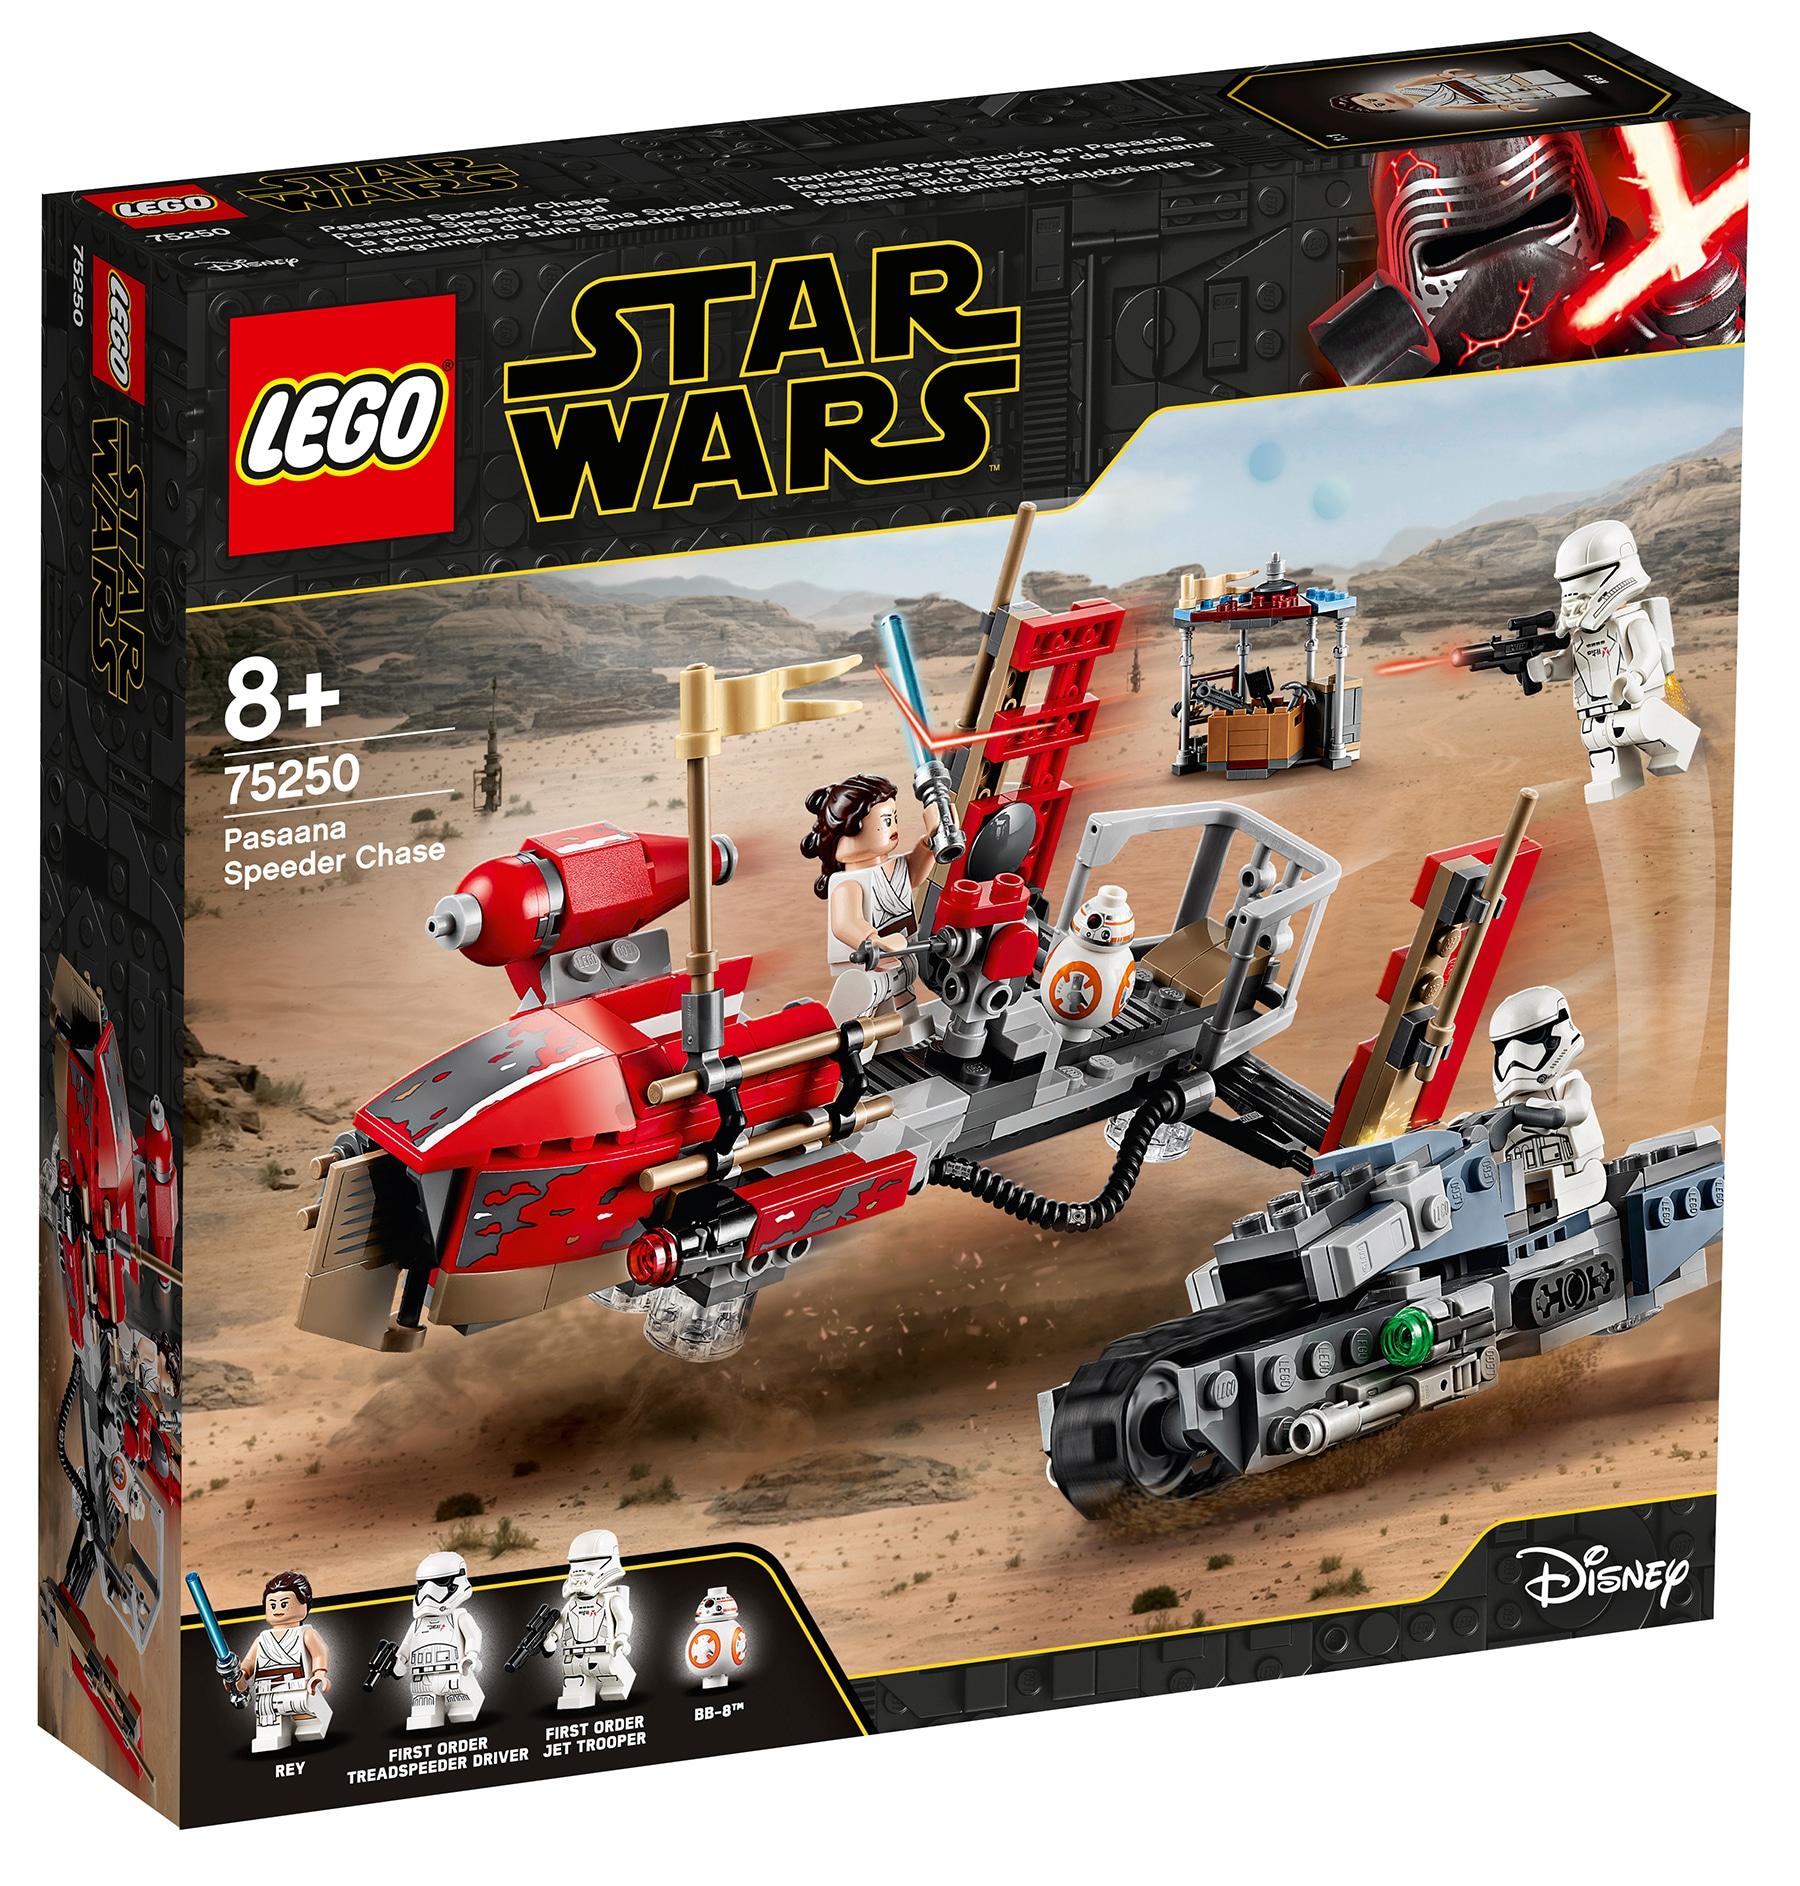 LEGO Star Wars 75250 Pasaana Speeder Chase